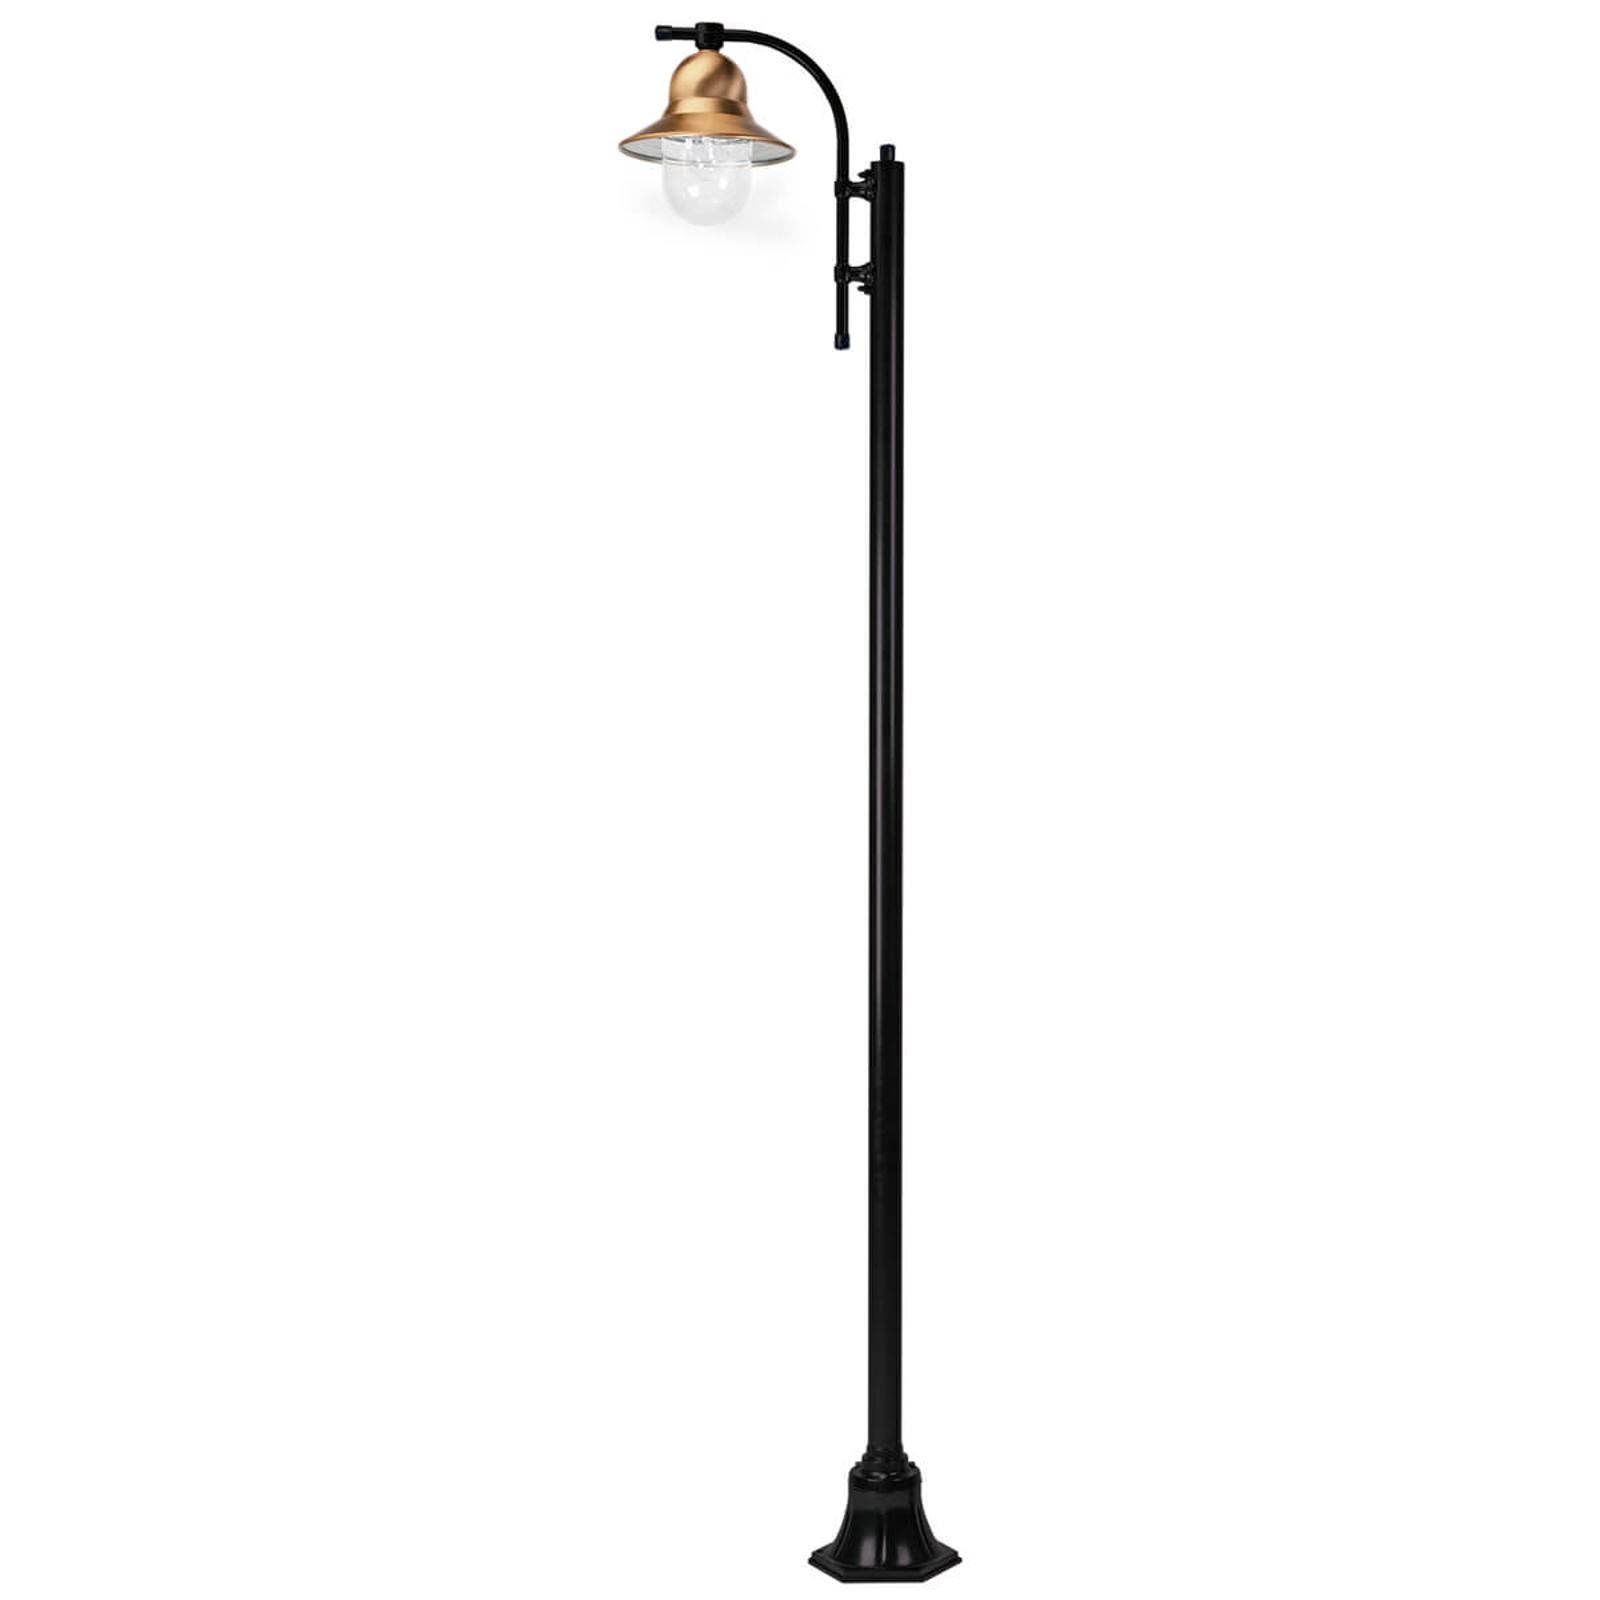 1-lamppuinen Toscane-lyhtypylväs 240 cm, musta